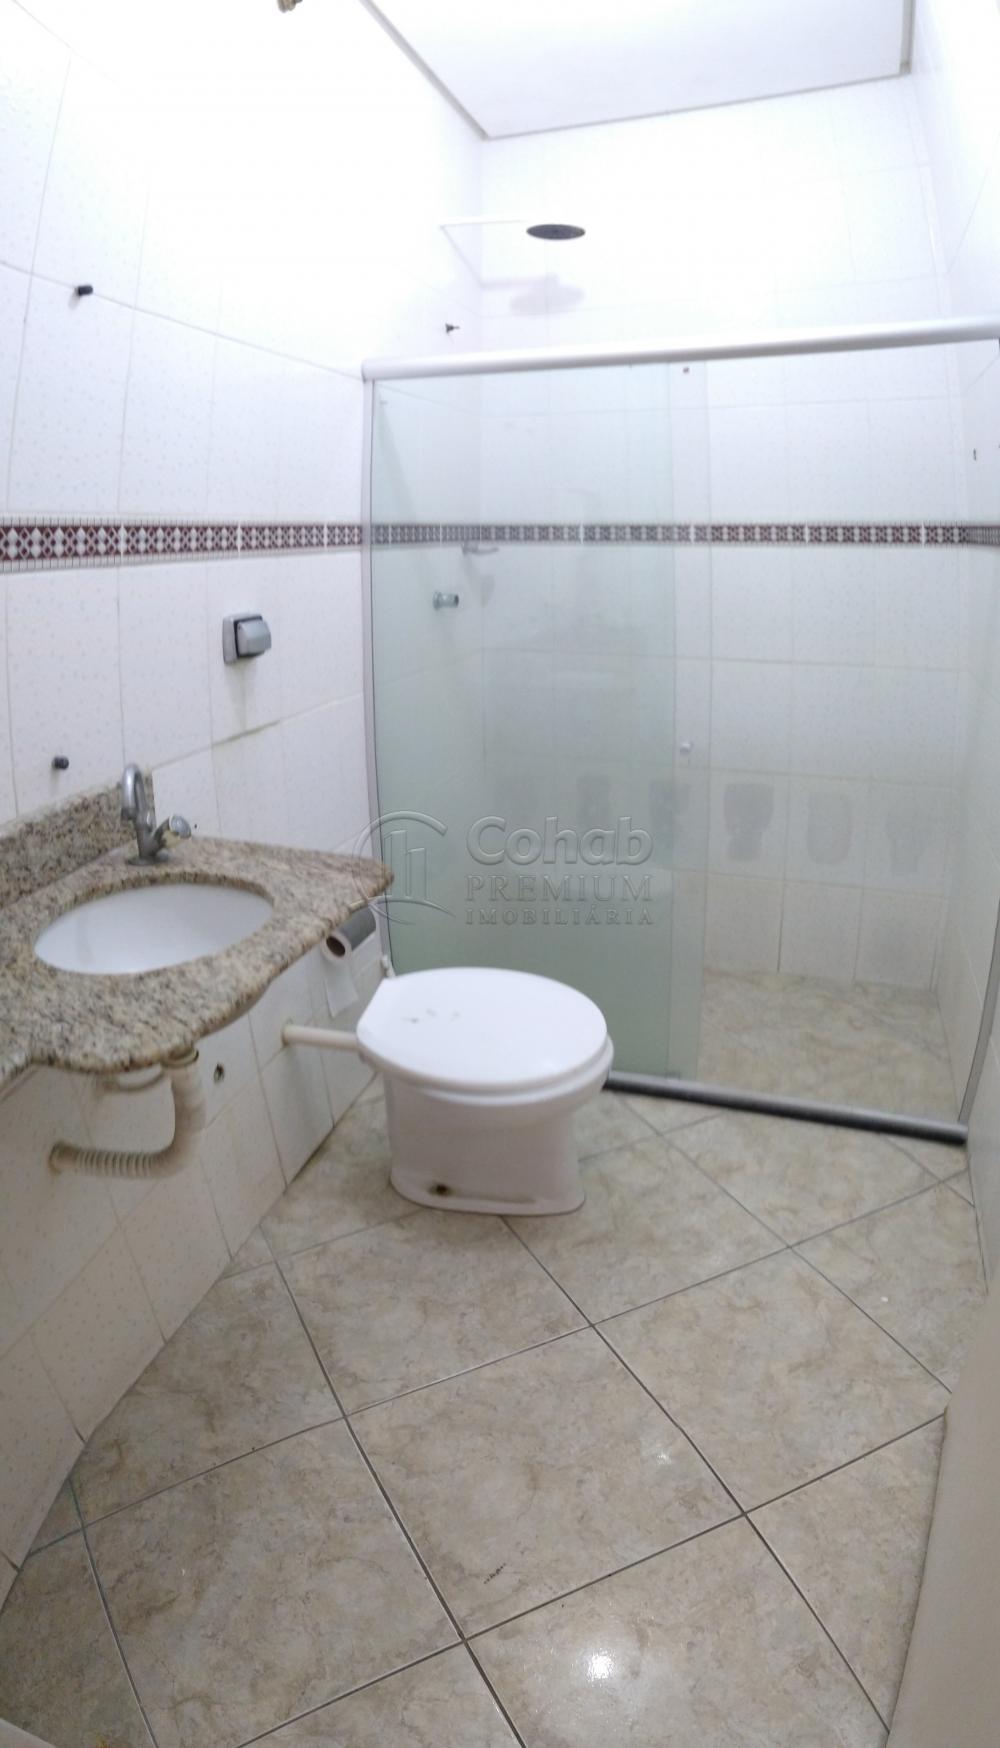 Alugar Comercial / Ponto Comercial em Aracaju apenas R$ 7.000,00 - Foto 11